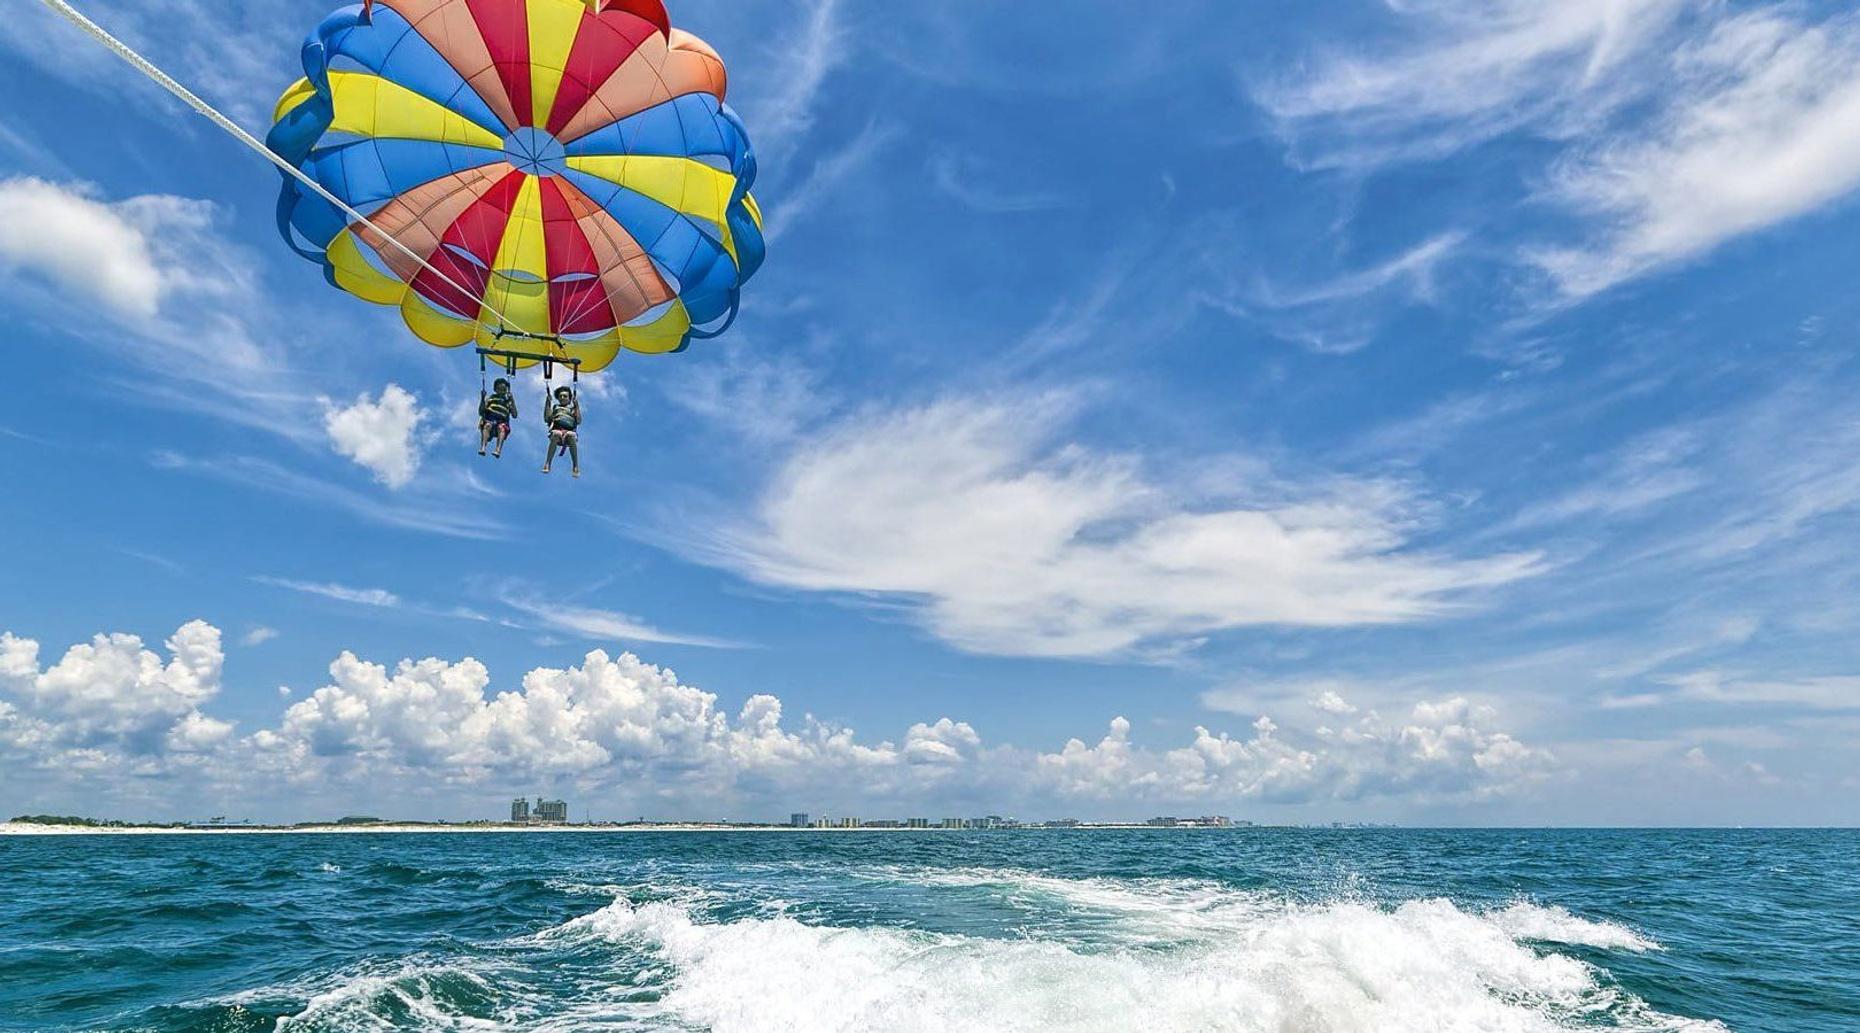 Tampa Parasailing Adventure